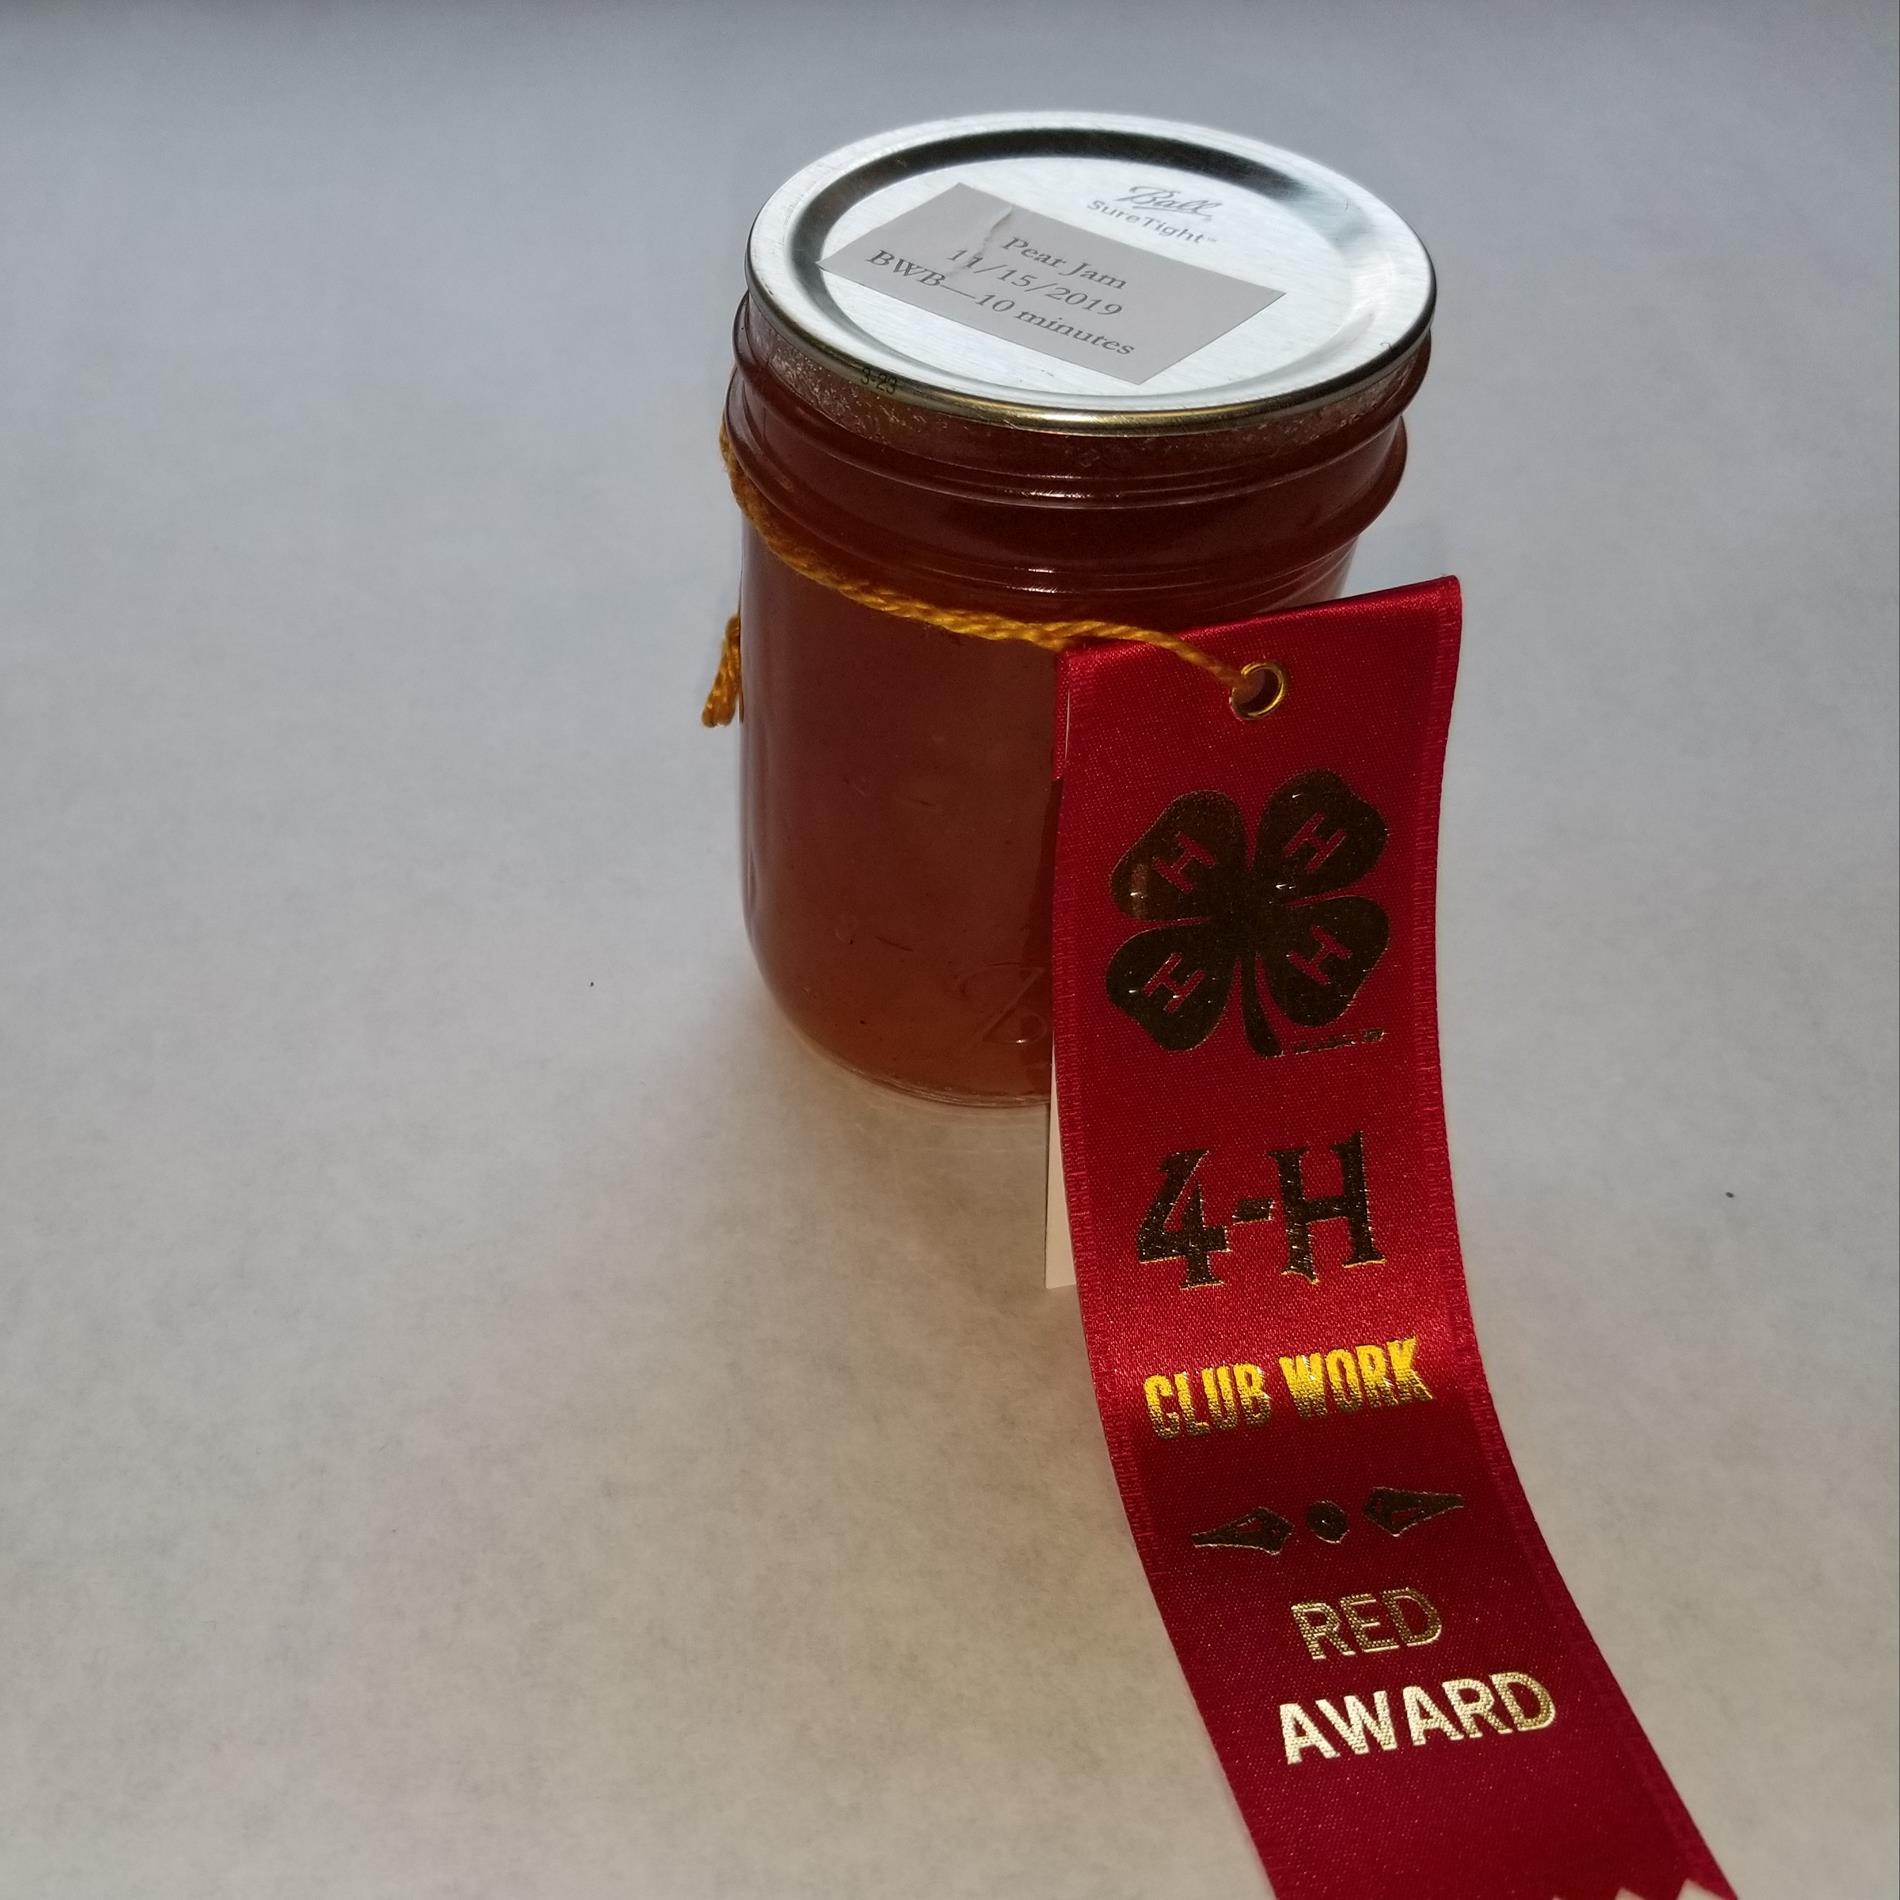 Khloe, Pear Jam